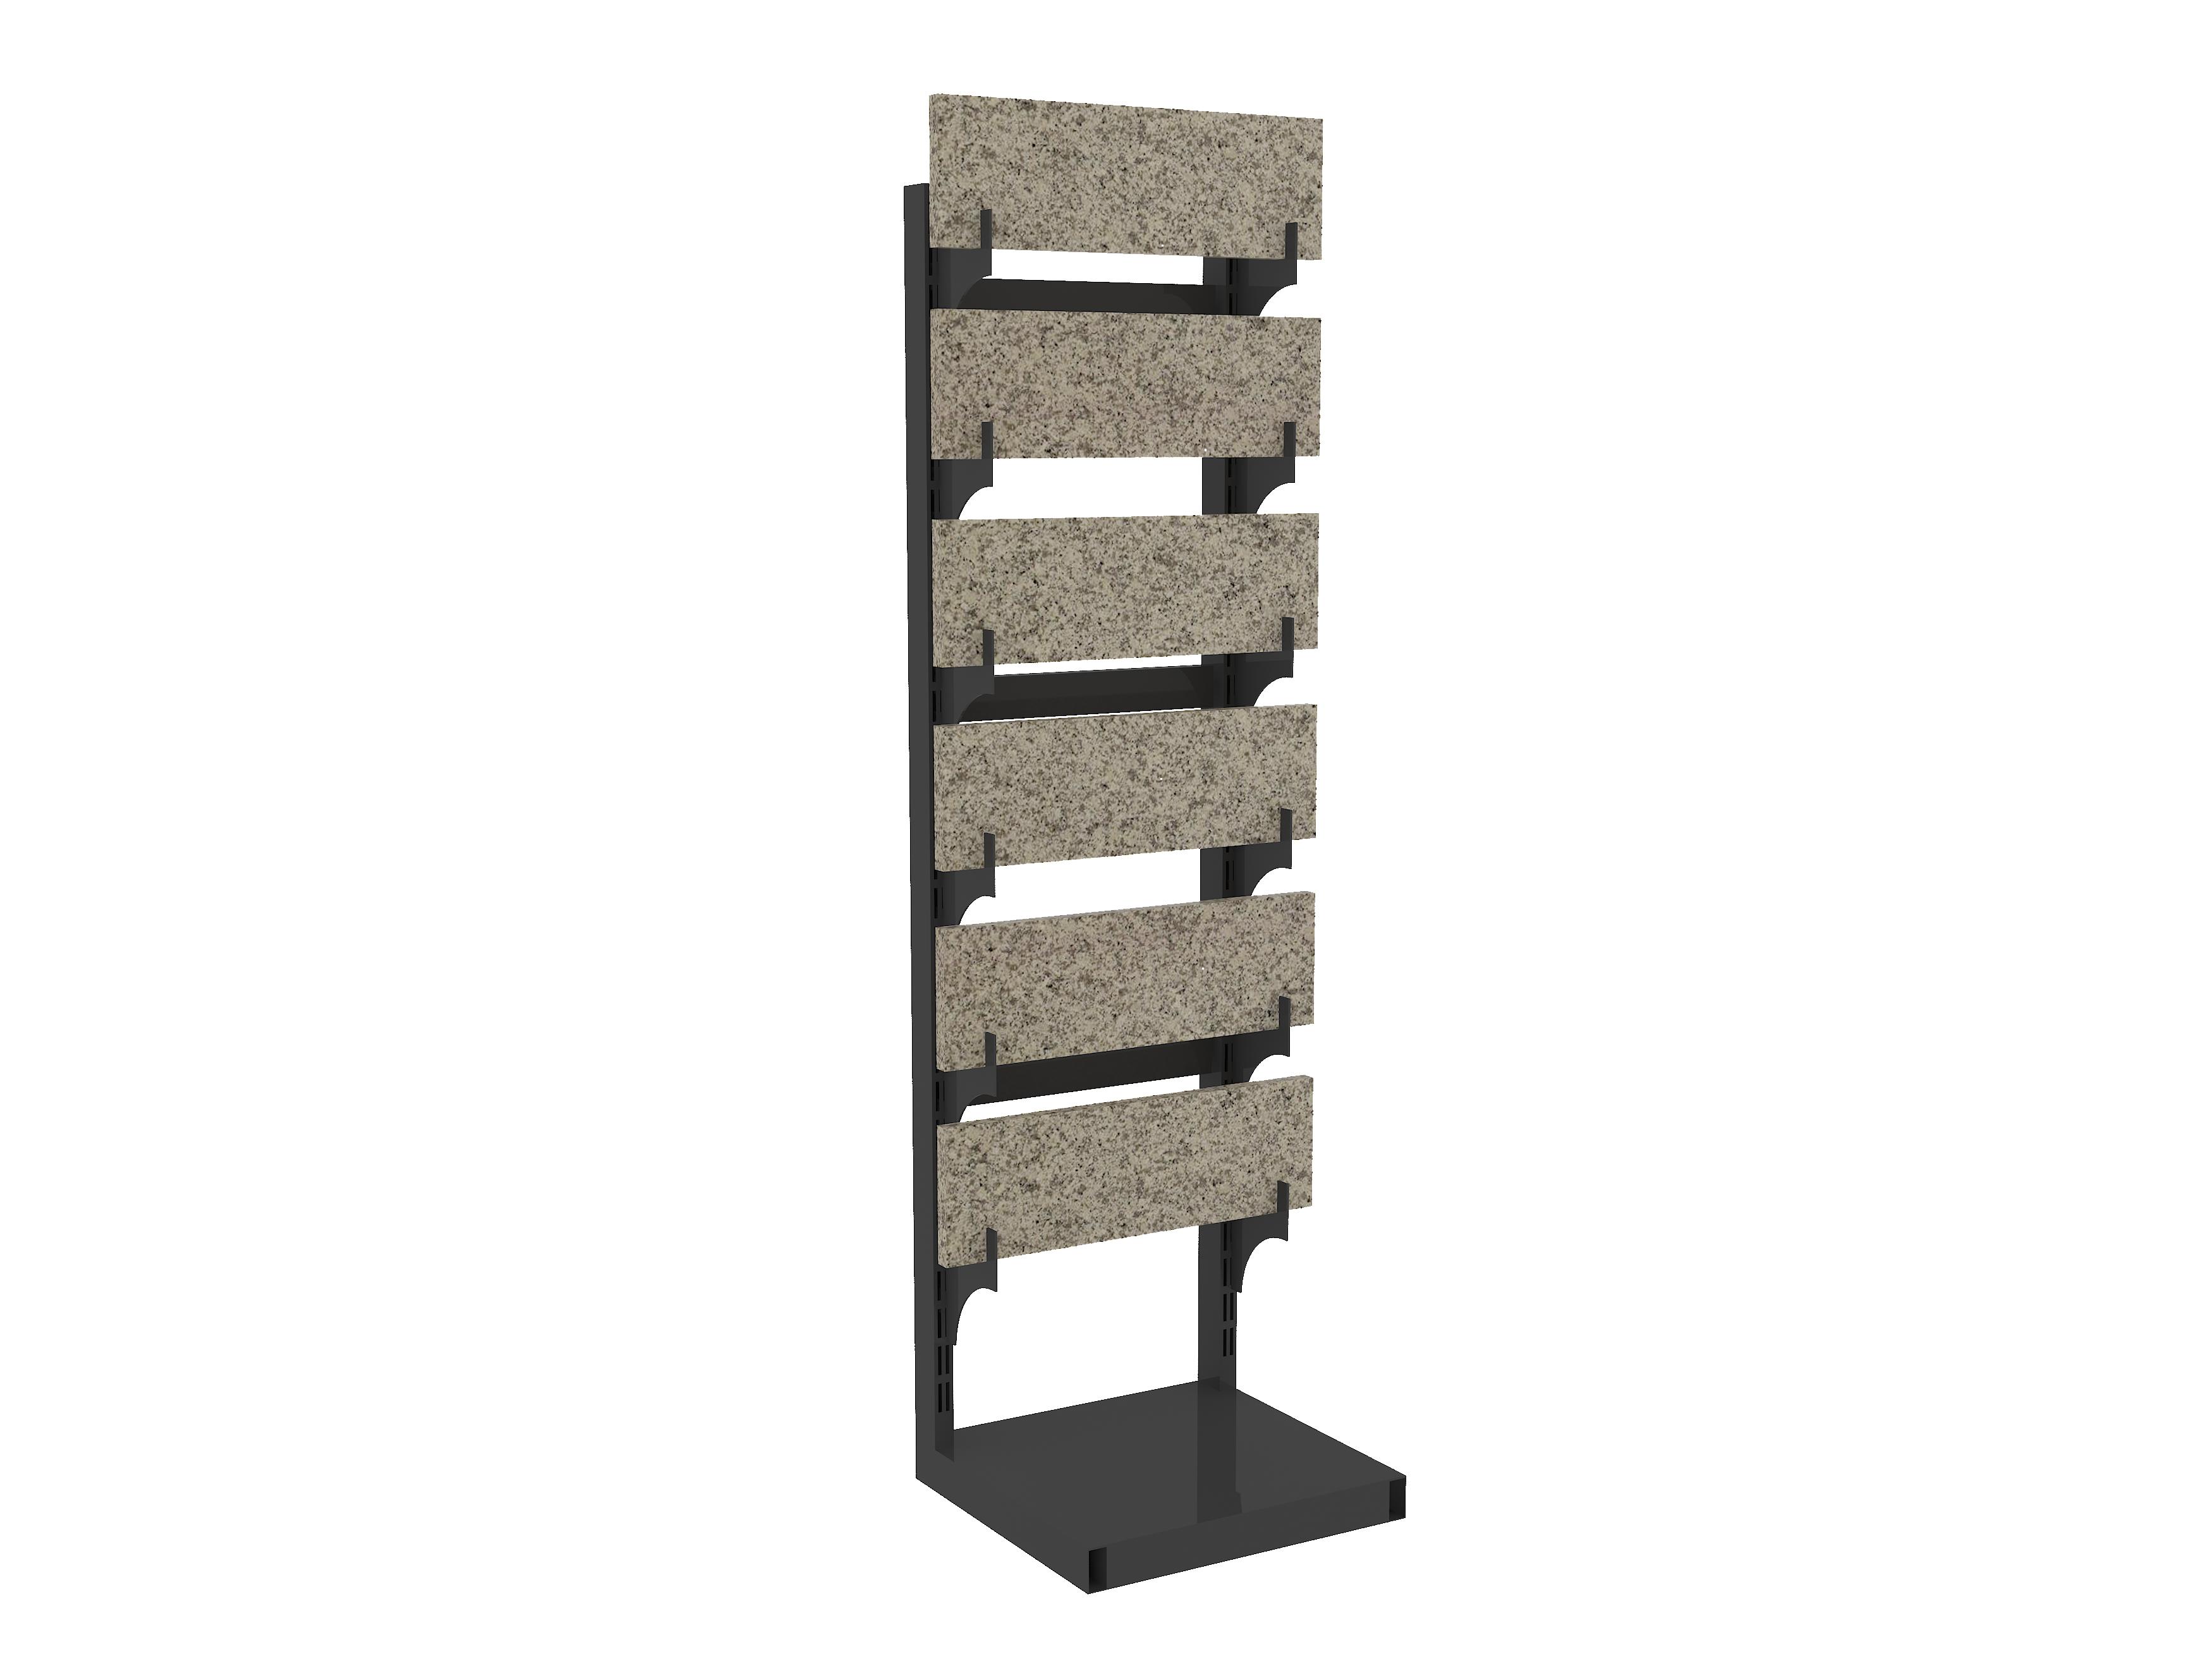 /ceramic-tile-samples-for-floors-step-display-shelf-ST-26-2